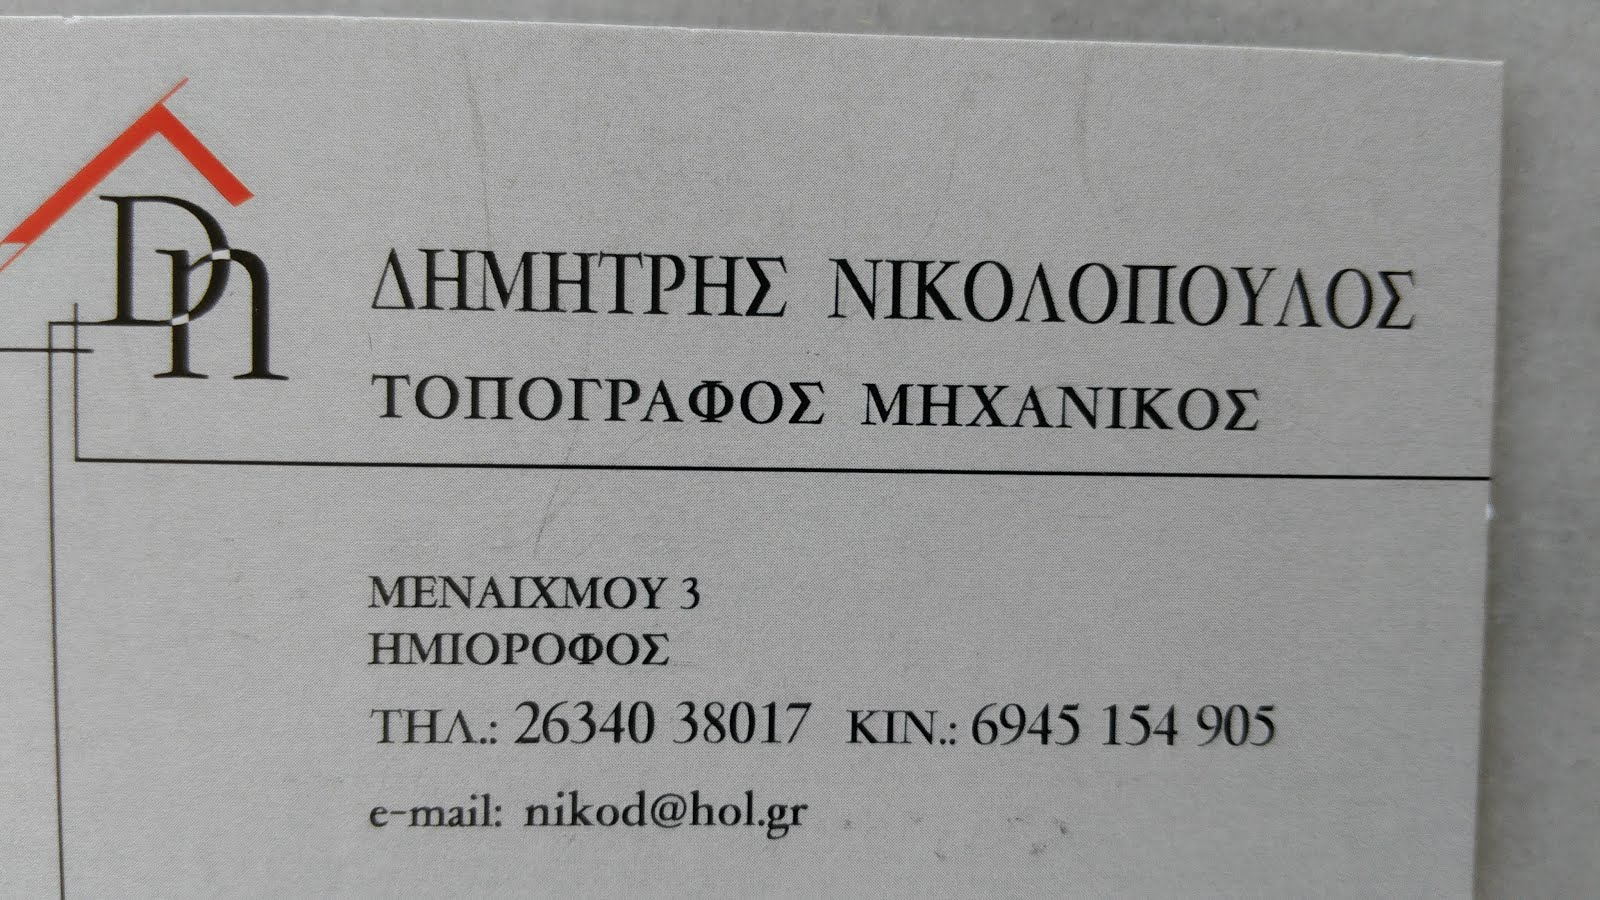 ΤΟΠΟΓΡΑΦΟΣ